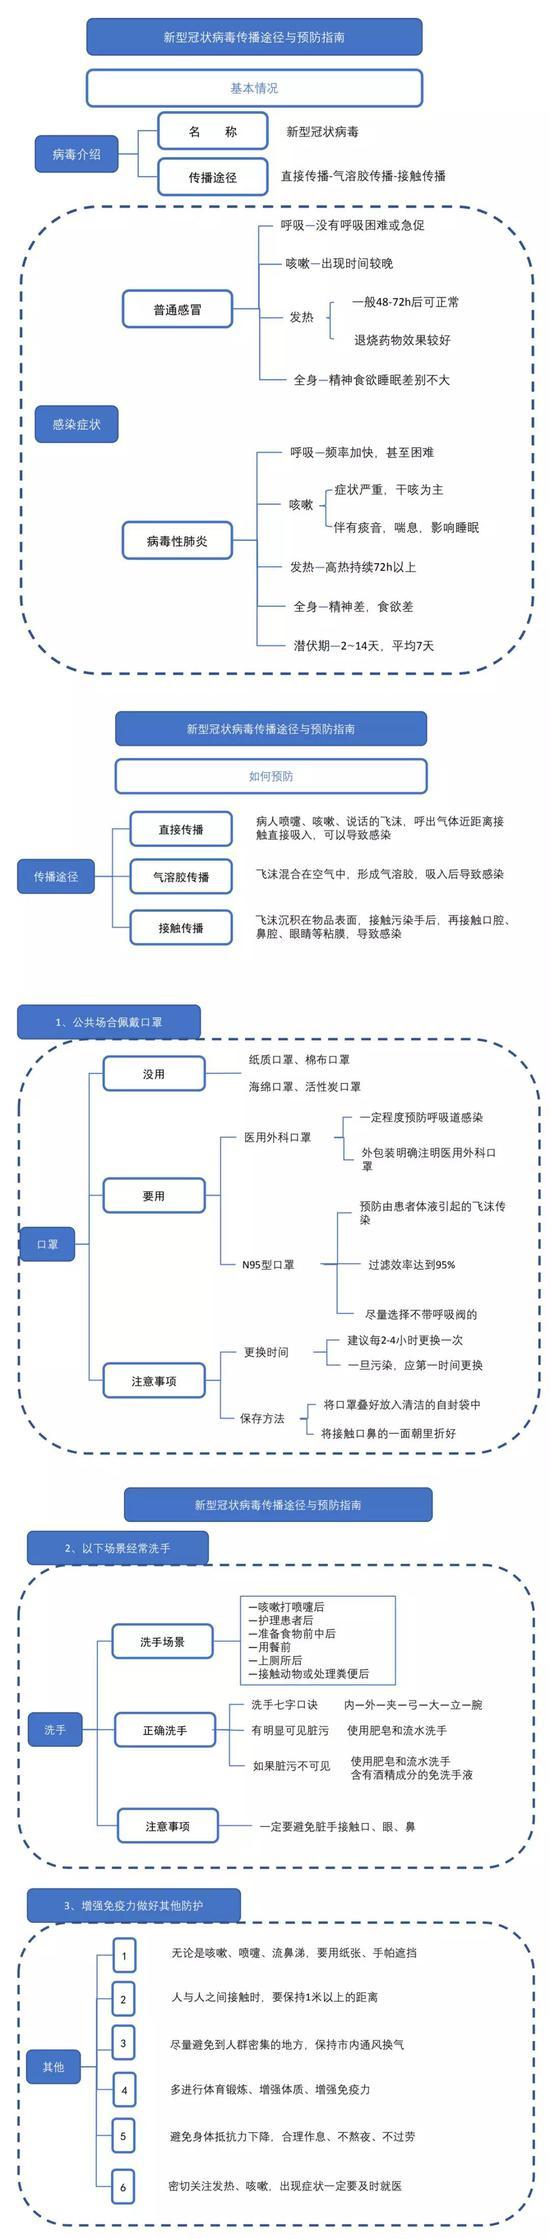 假期返程�中如何预防?居家隔离怎么做?中国疾♂控中心10个权威